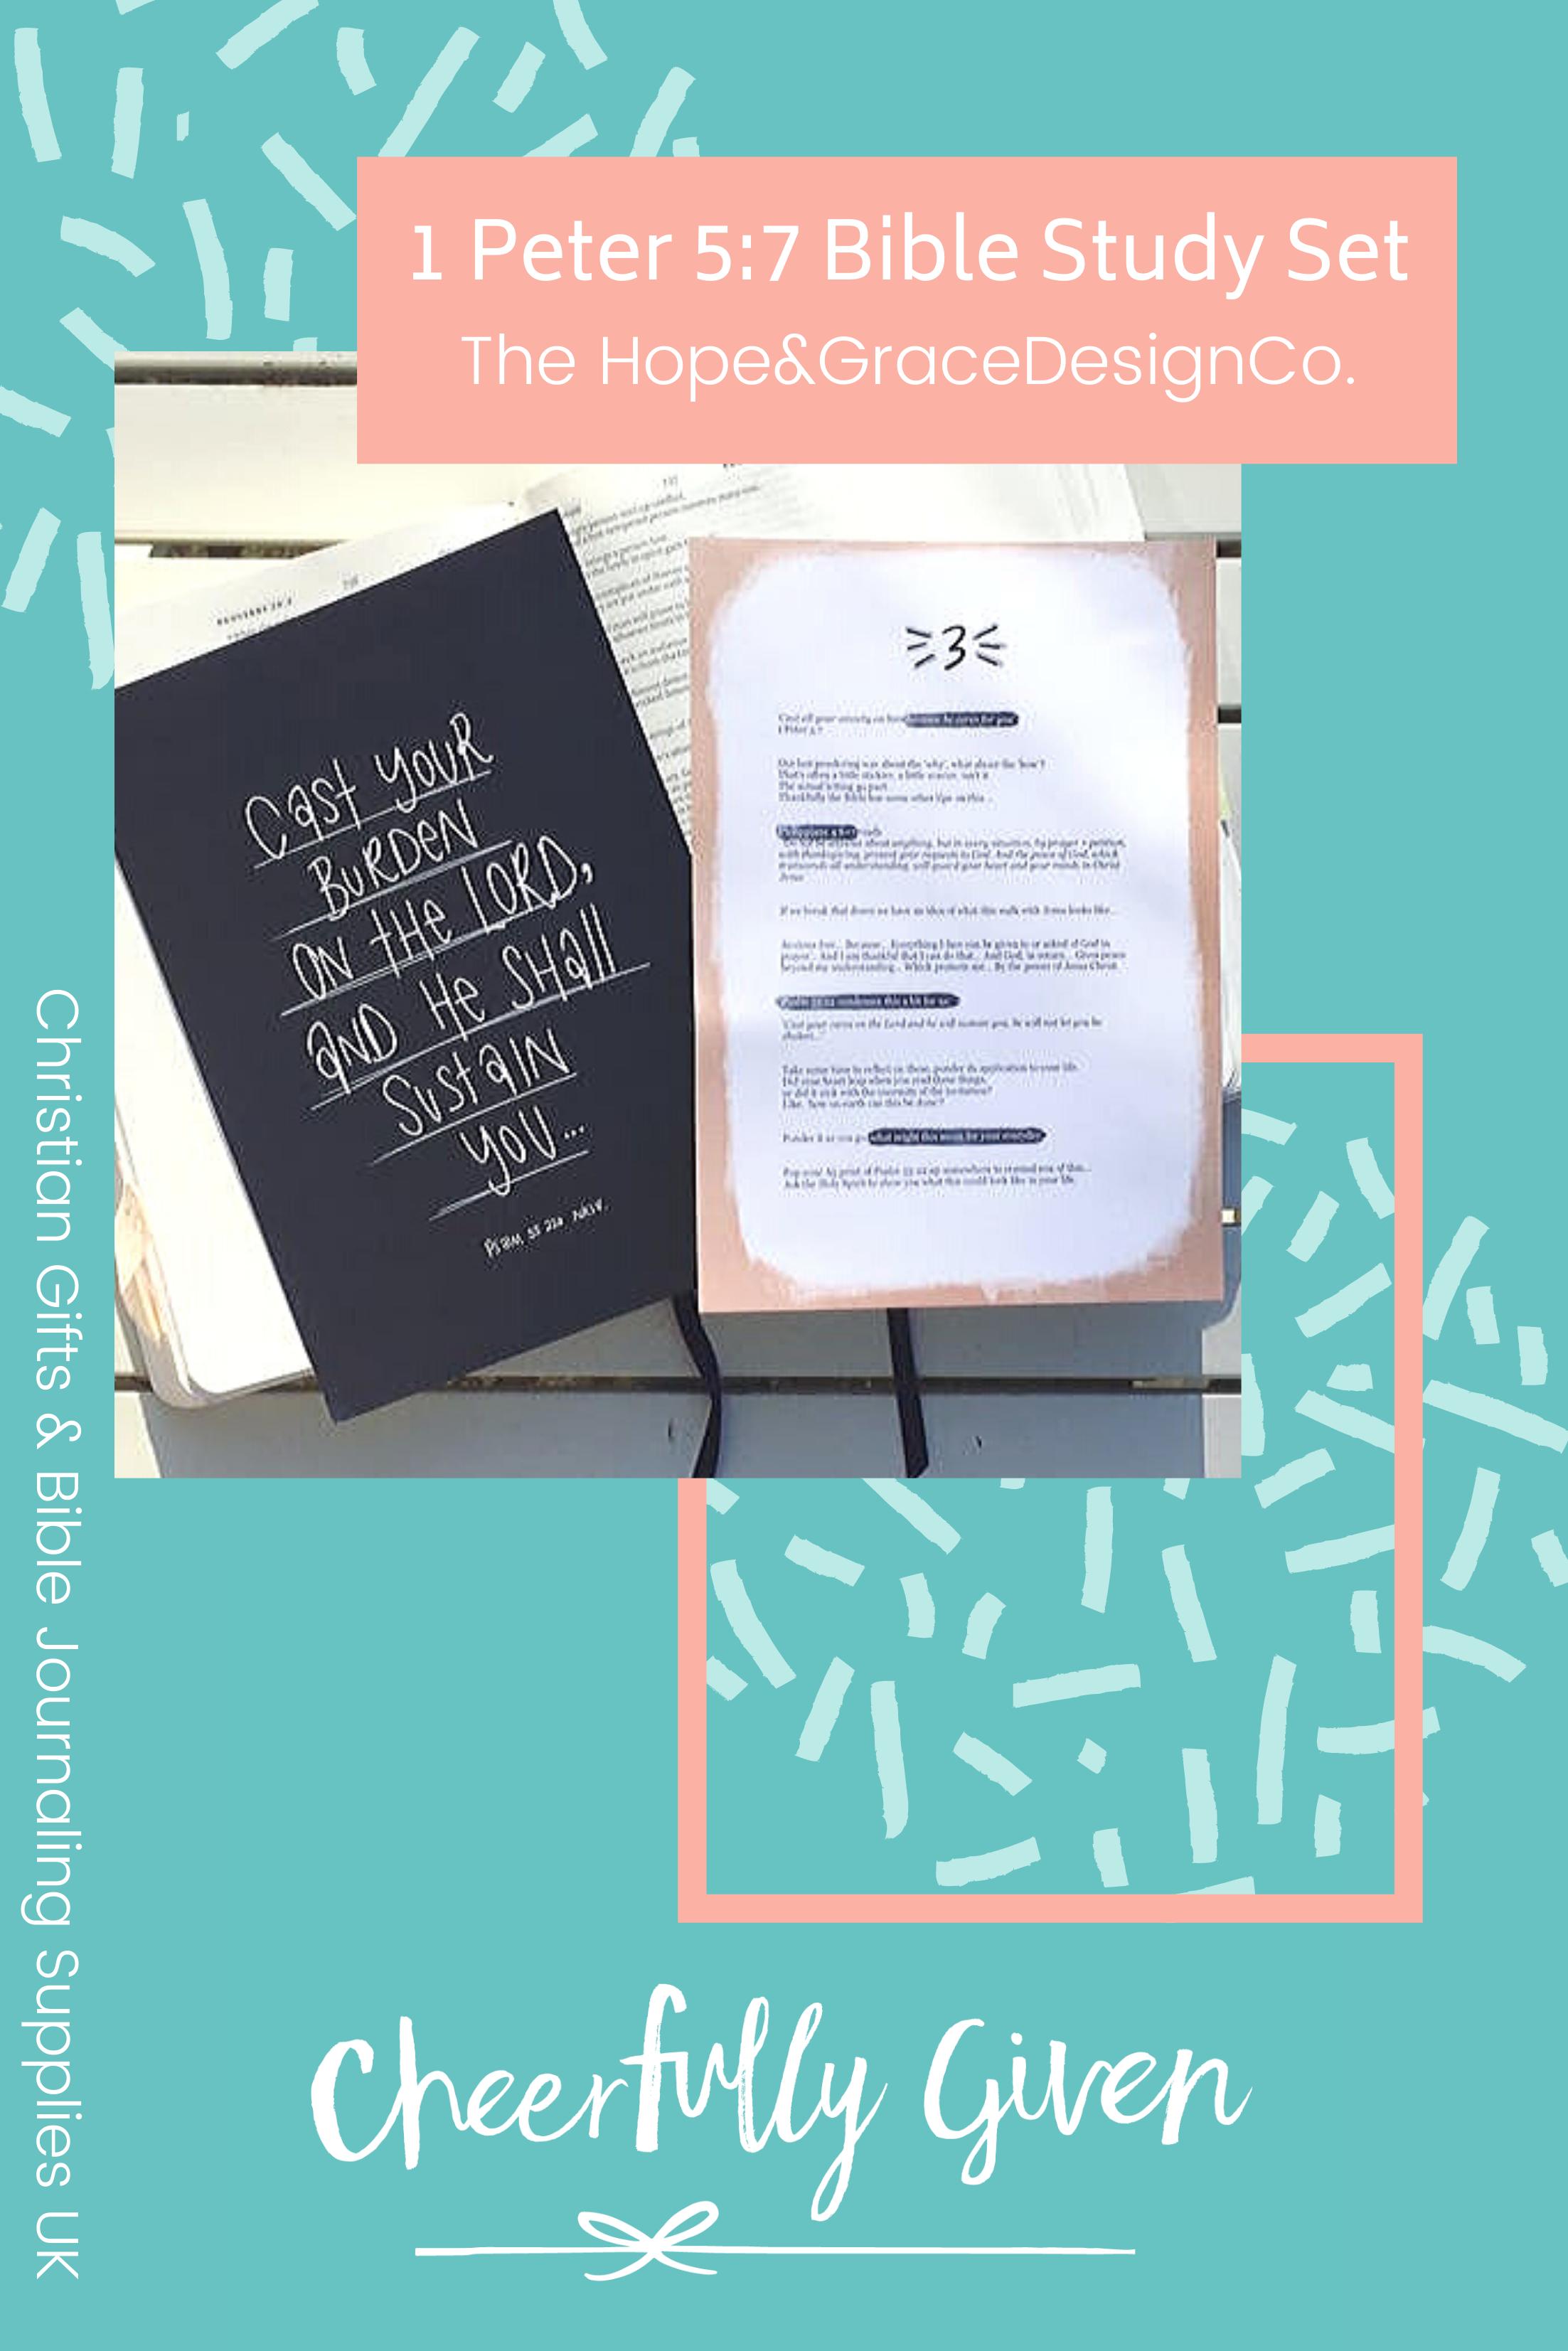 Pin on Bible Journaling Kits